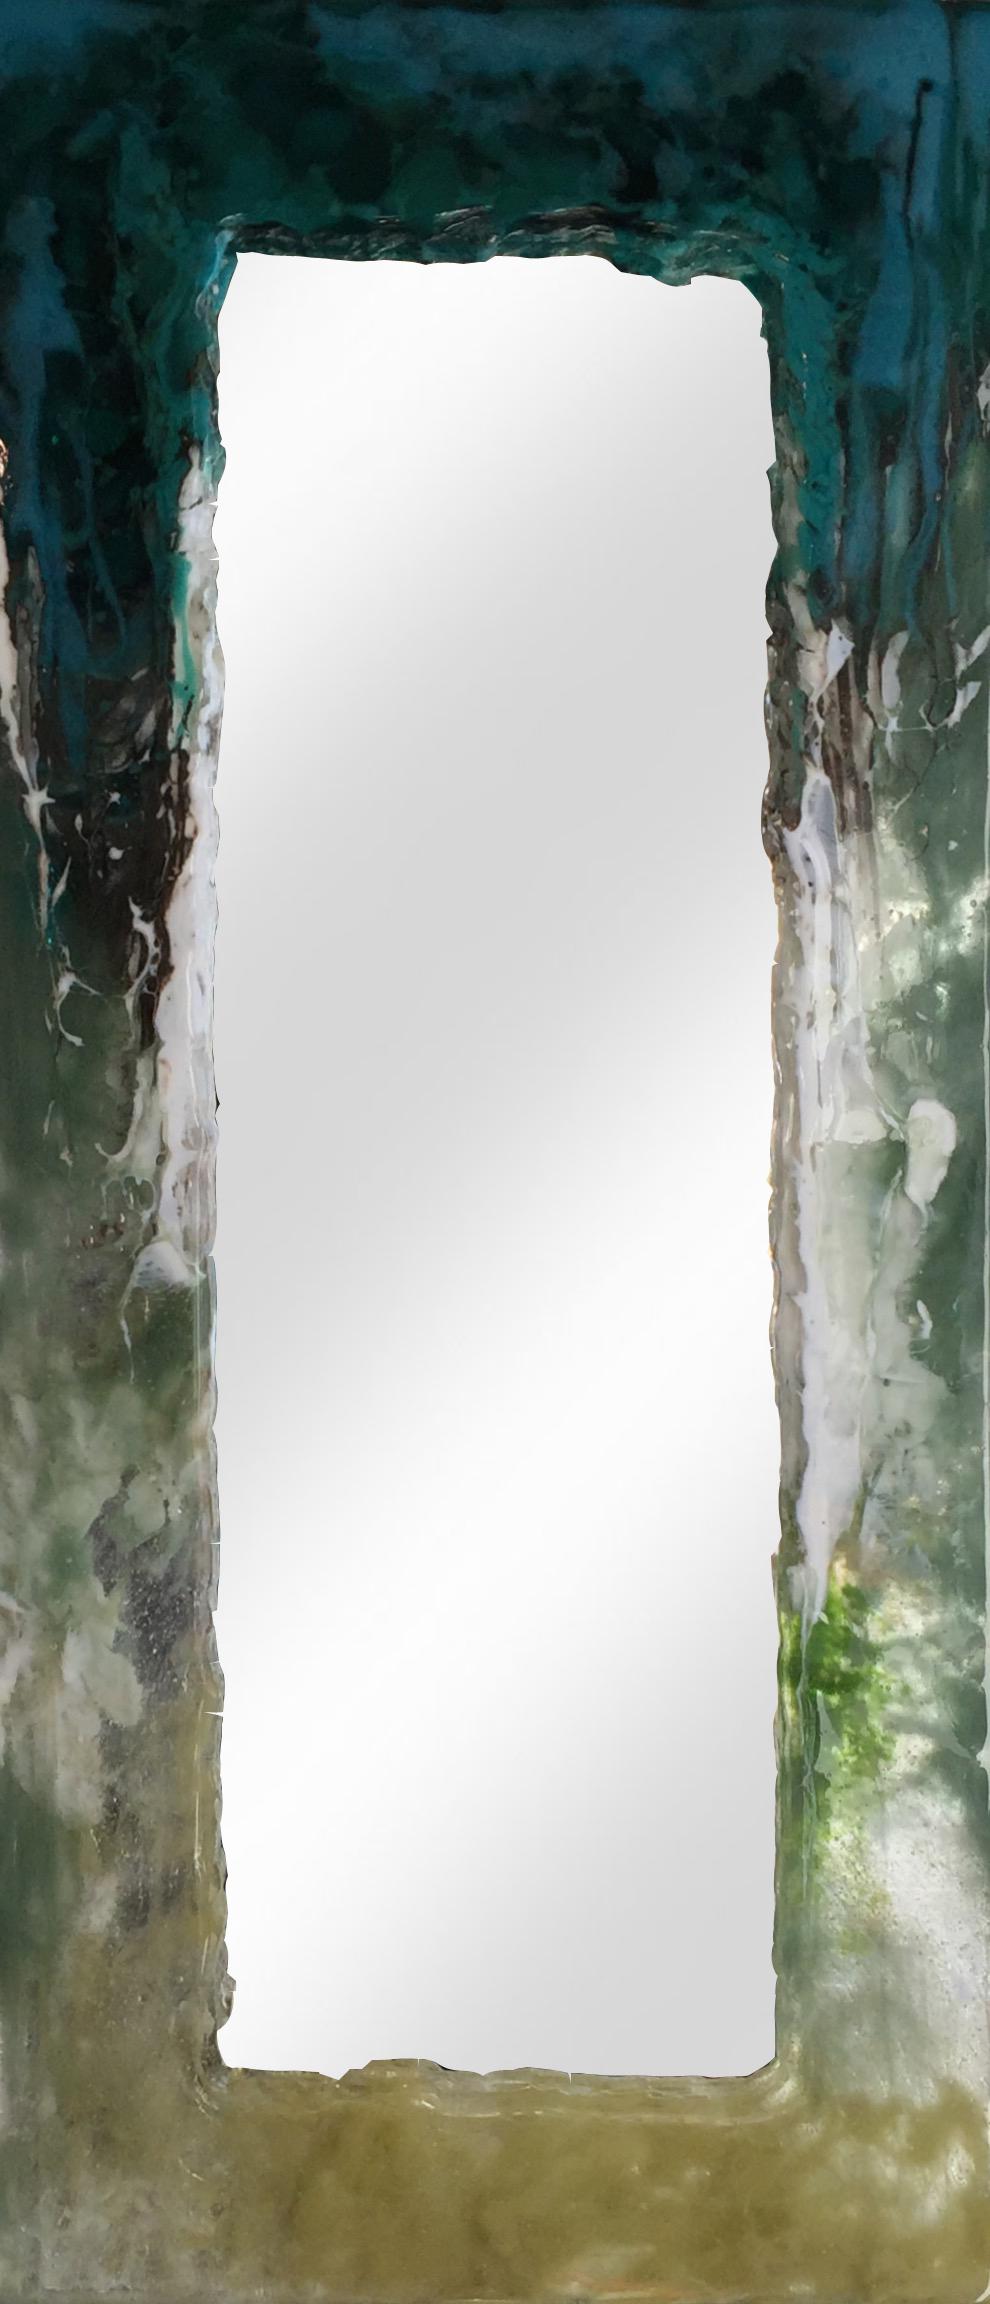 cuell.mirrorX